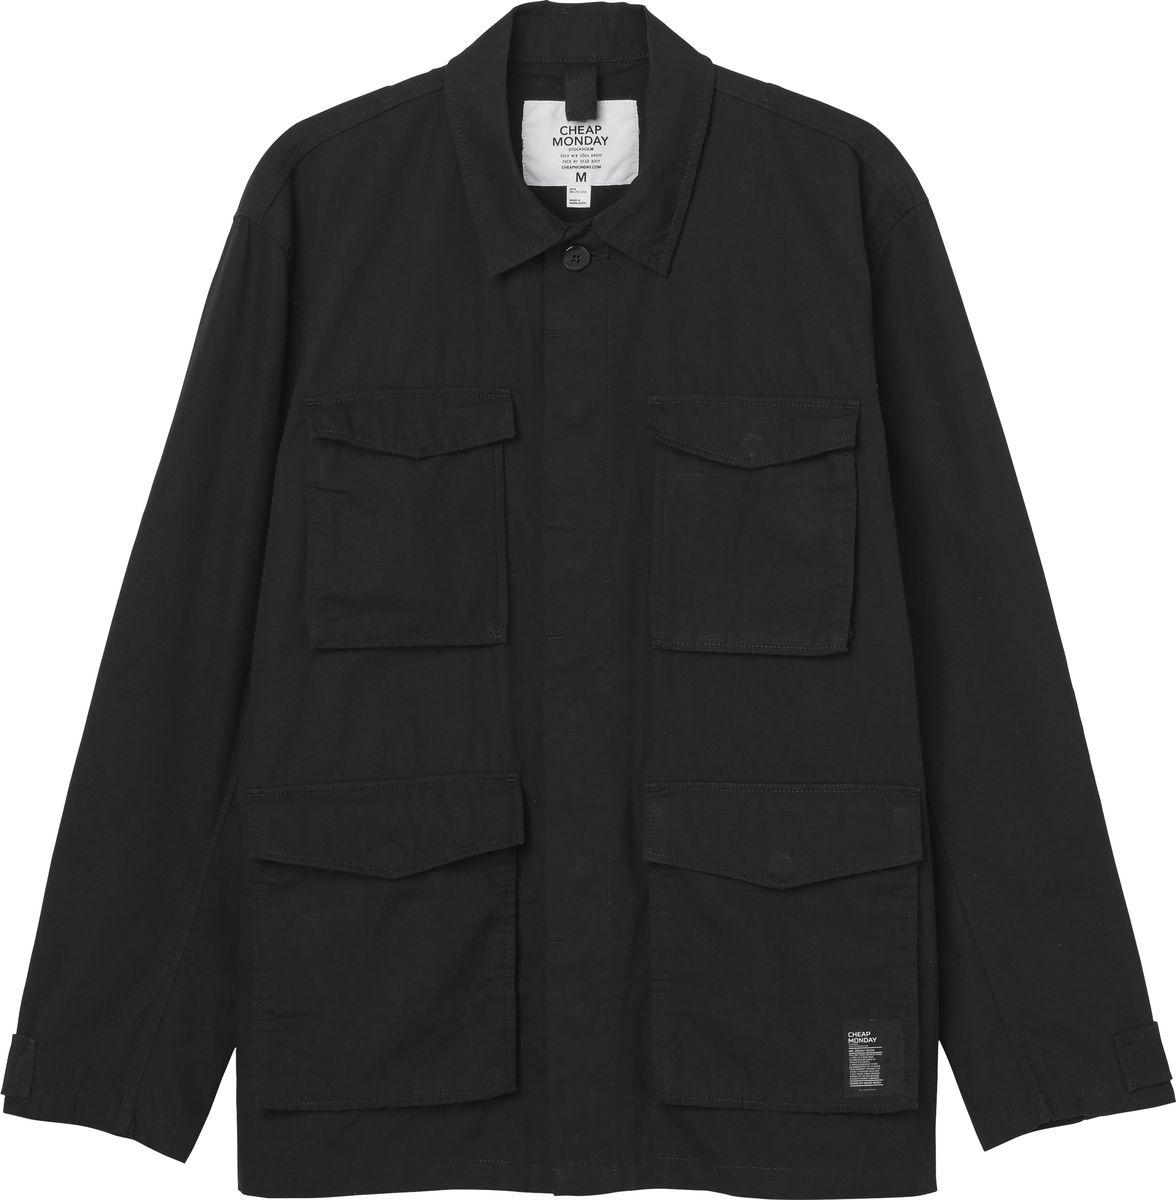 Куртка мужская Cheap Monday, цвет: черный. 0506156. Размер XS (44) куртка утепленная cheap monday cheap monday ch839emwwj95